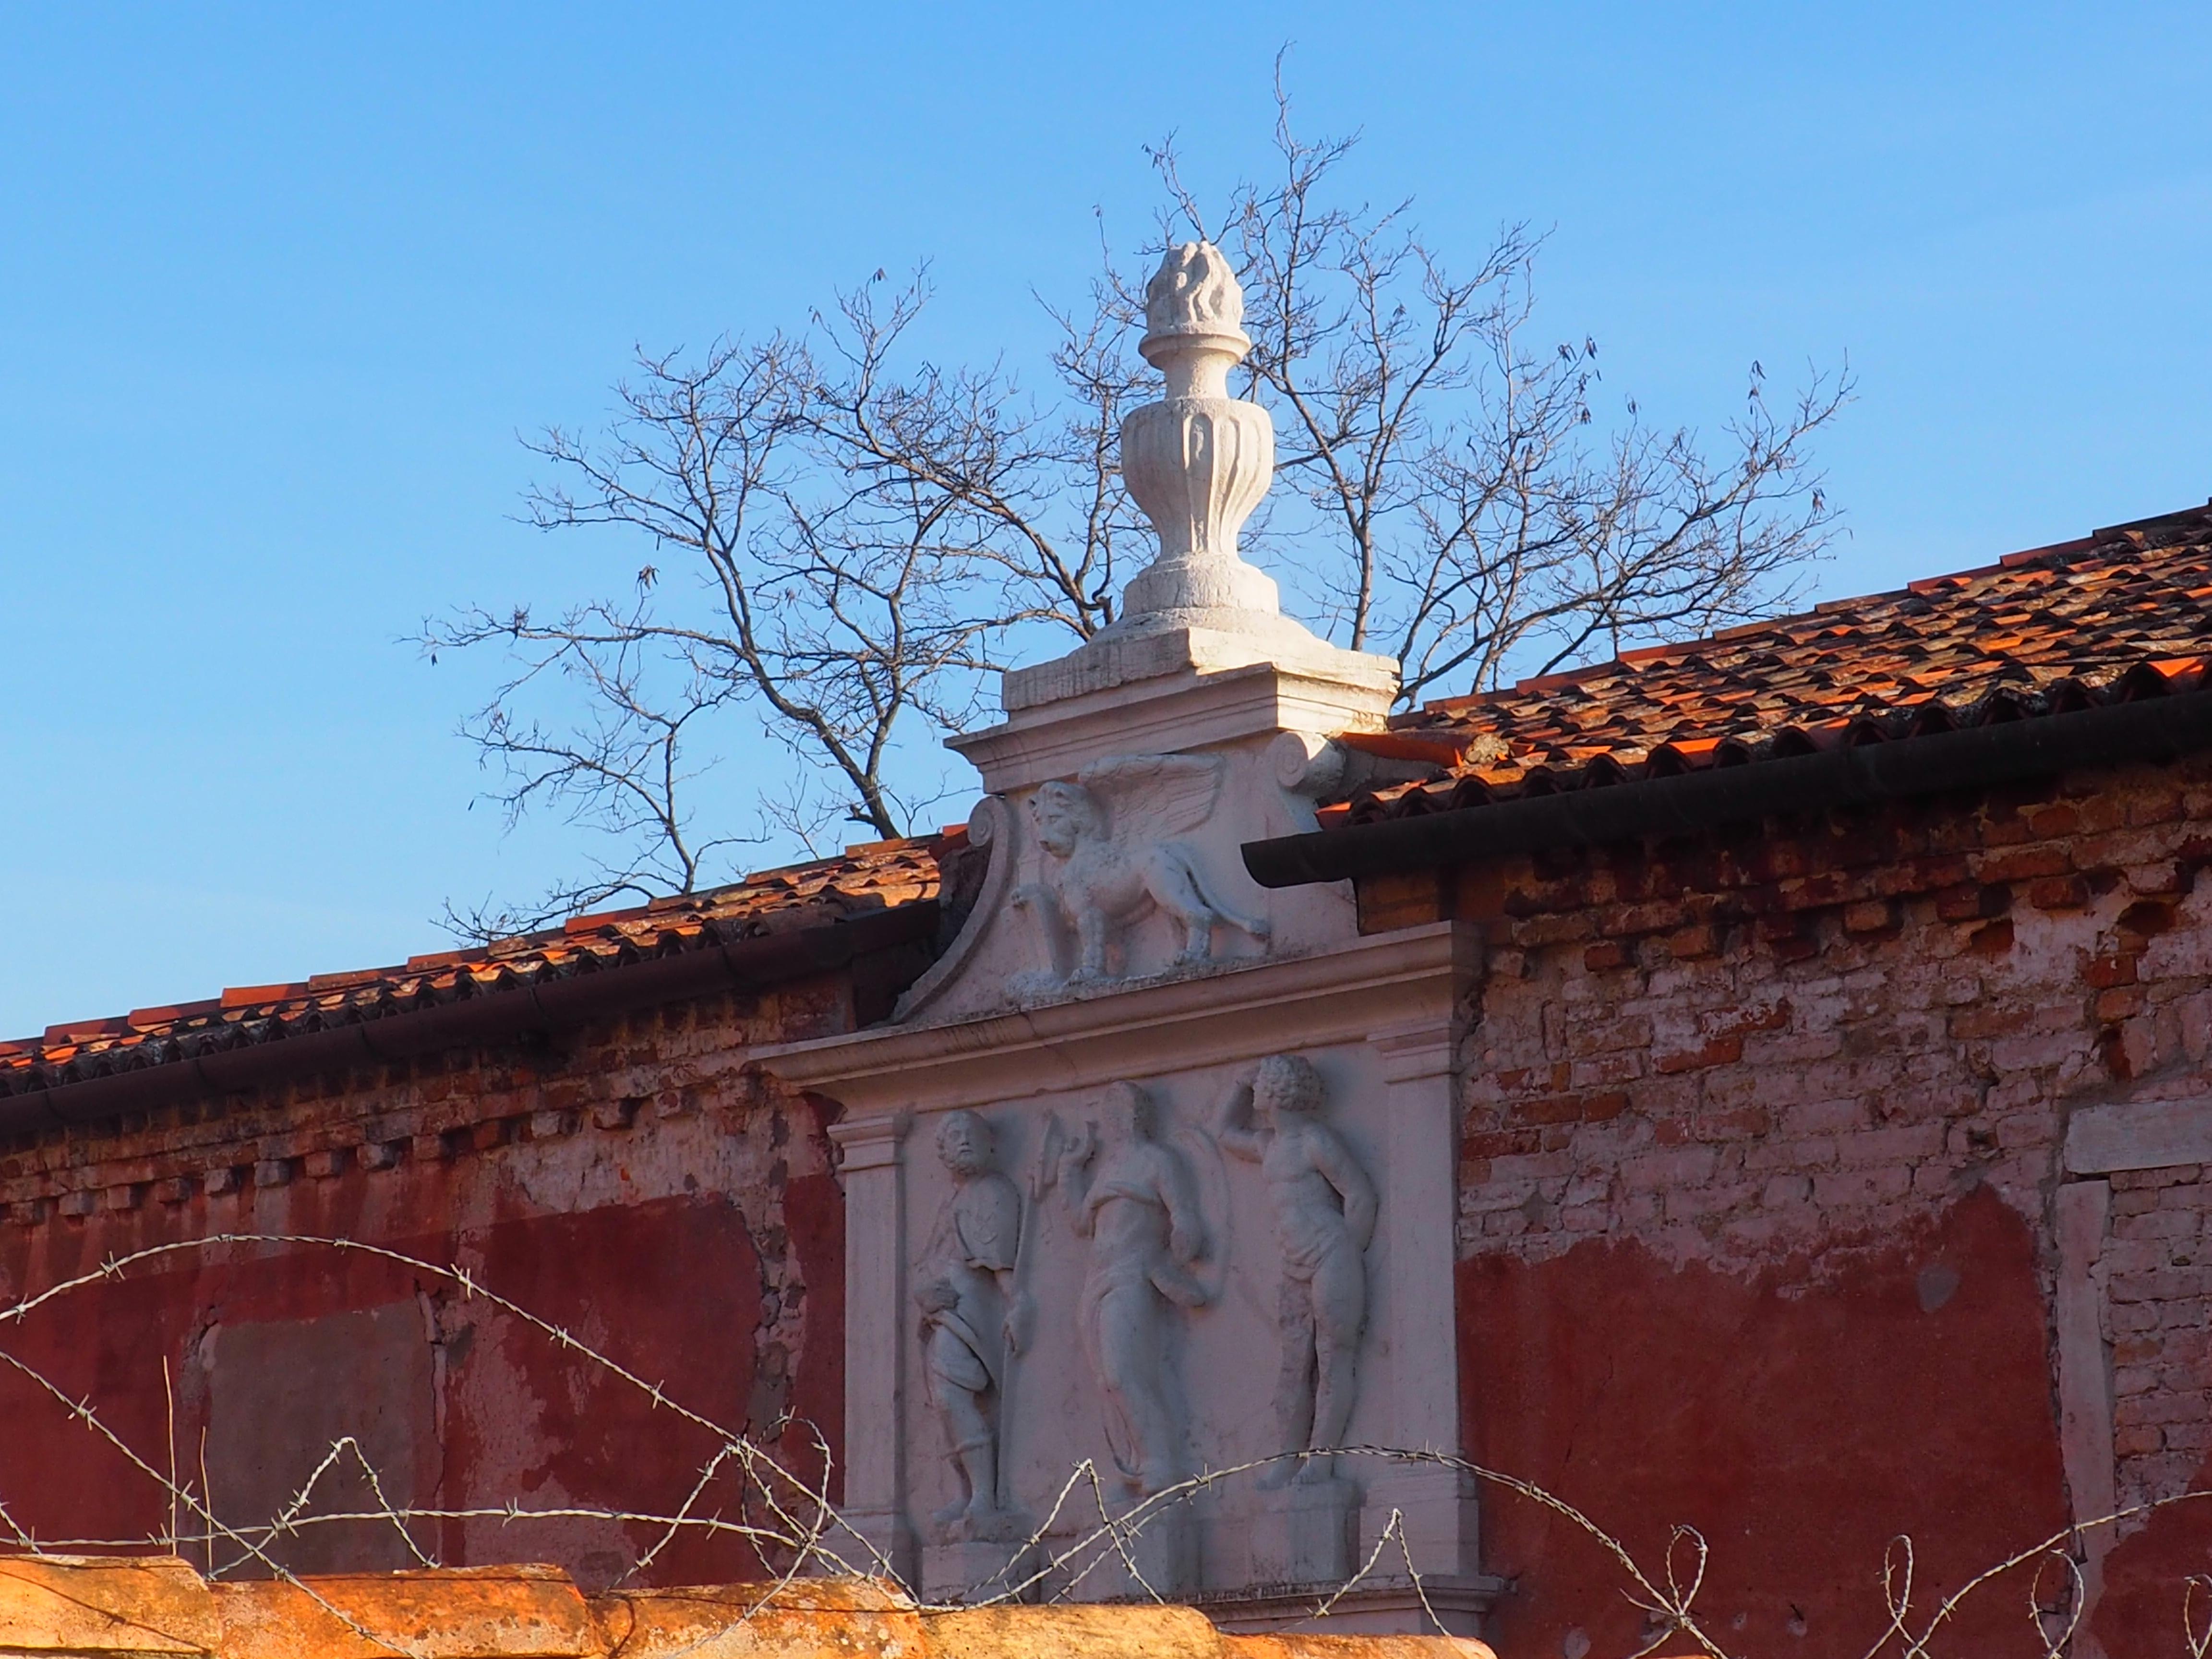 entrance to the island Lazzaretto Vecchio